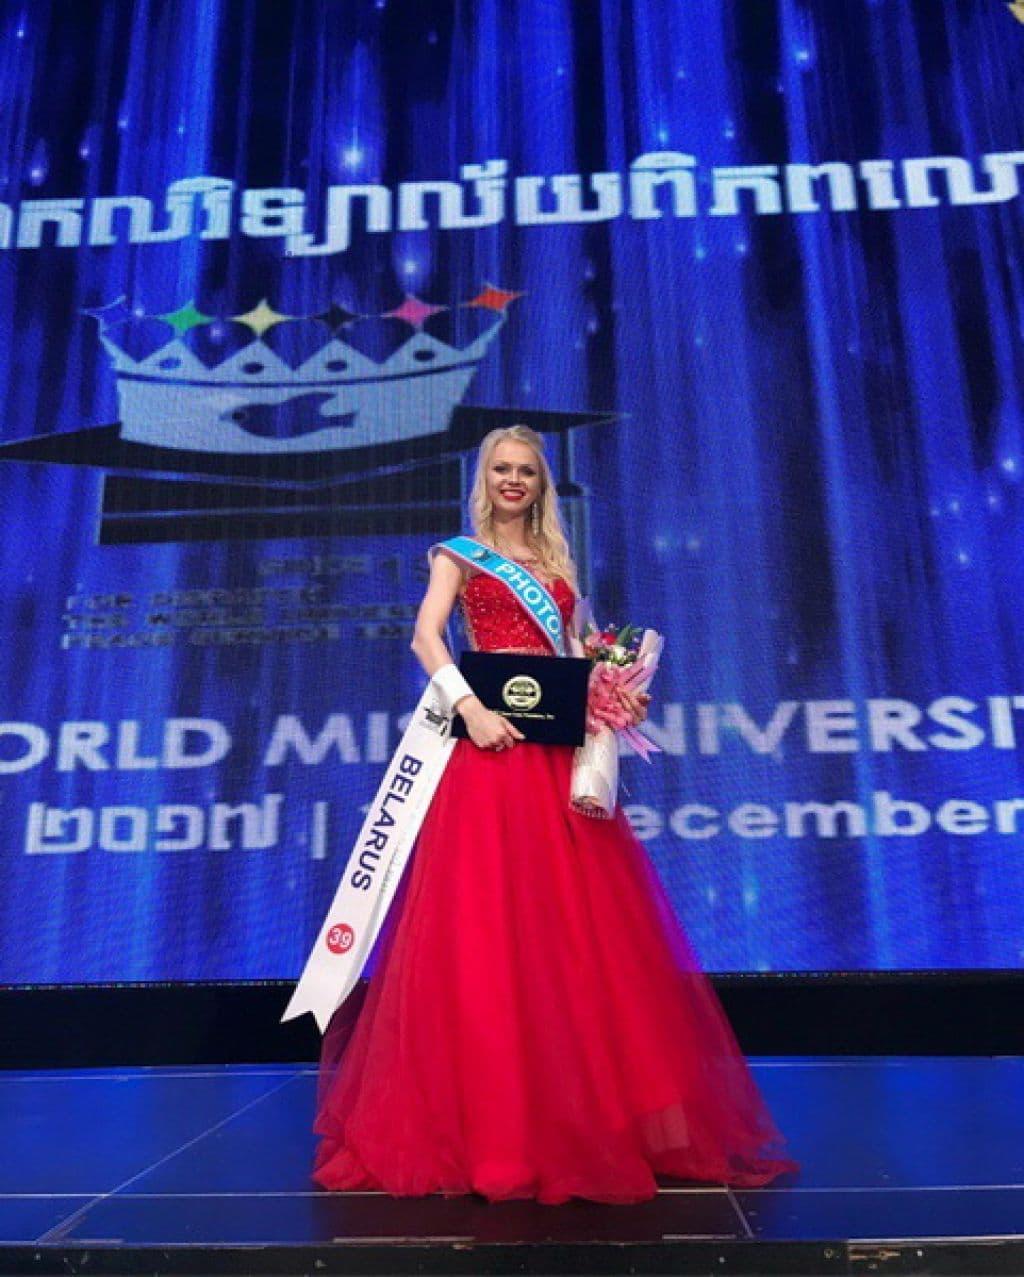 Лидчанка Каролина Черношей вошла в топ-6 конкурса World Miss University